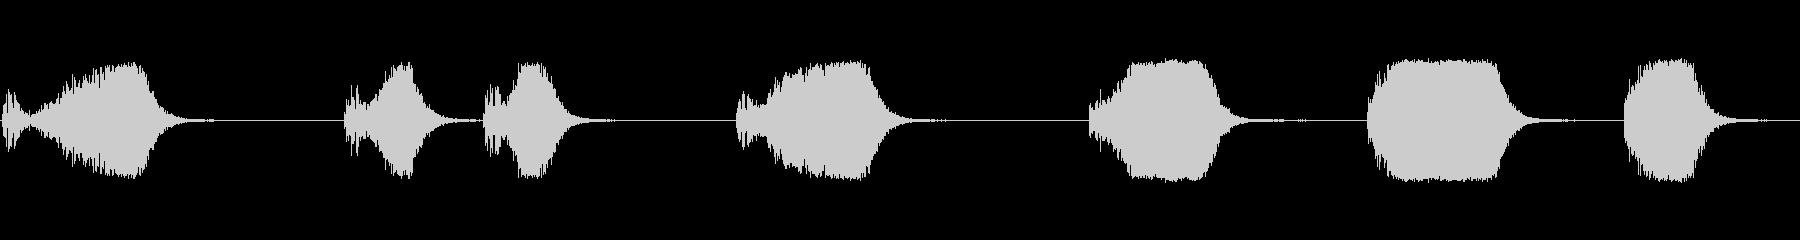 ヒューシュフランジエアマルチプルCの未再生の波形